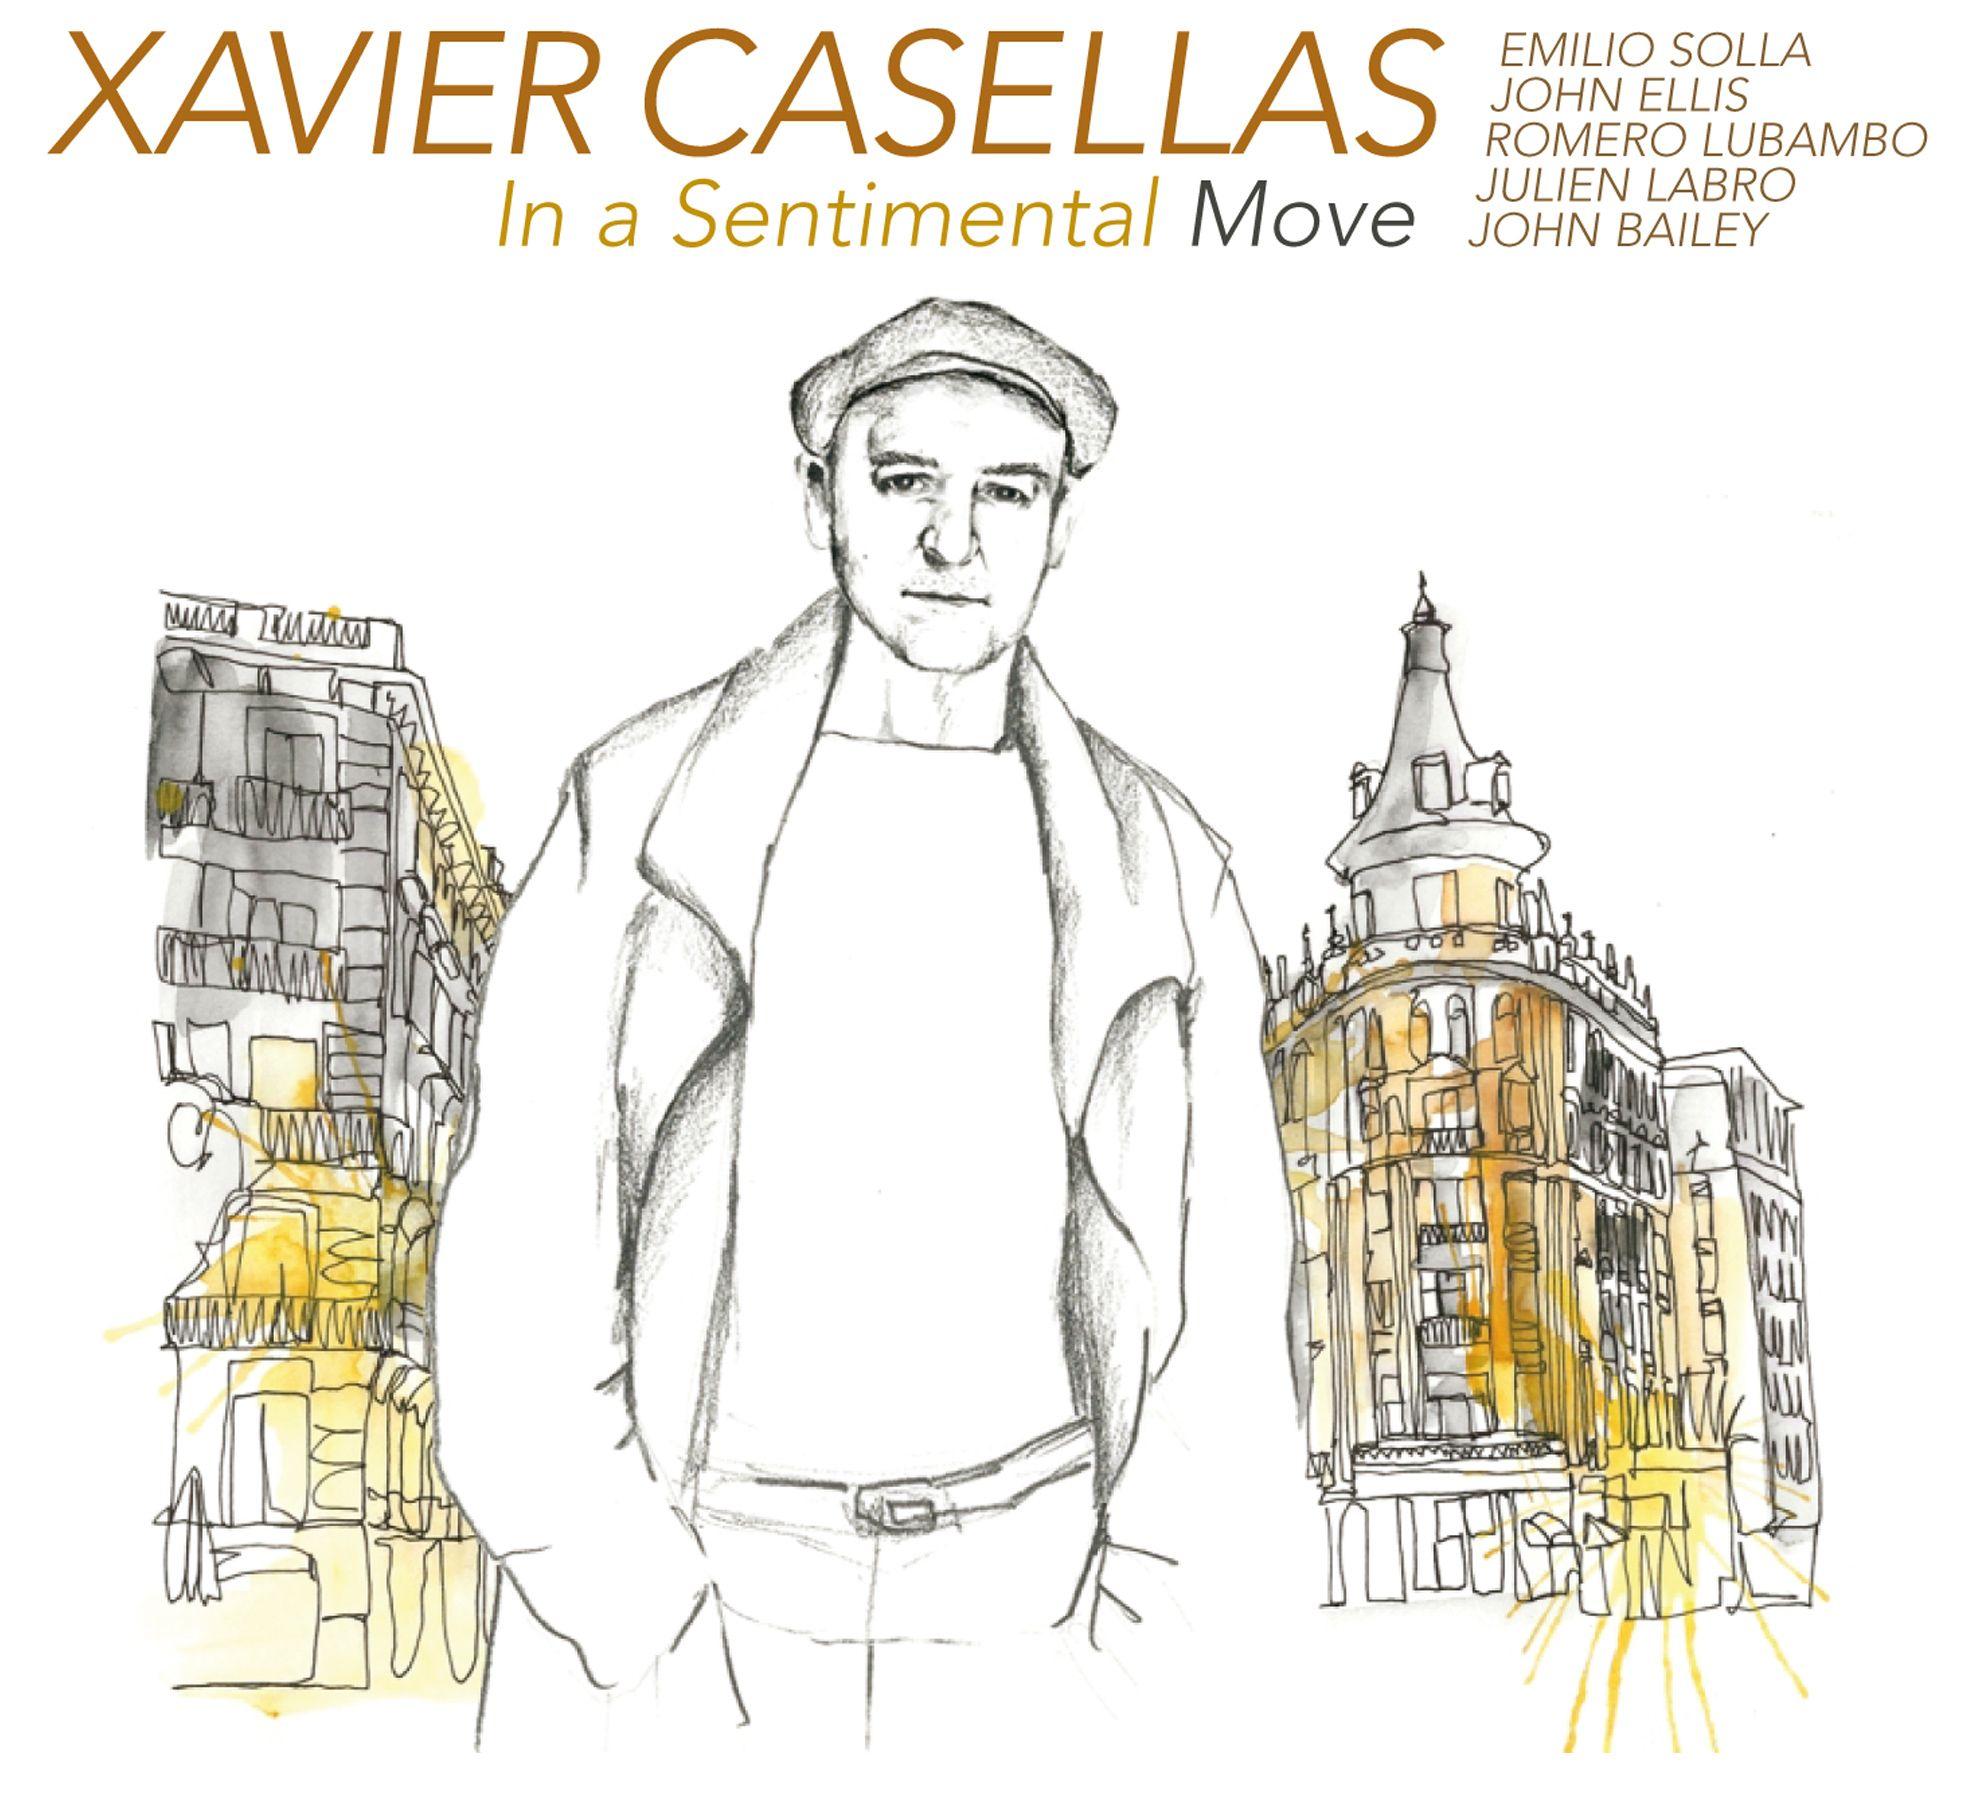 """Xavier Casellas y Emilio Solla presentan """"In a Sentimental Move"""". Jamboree Jazz Club, viernes 7 feb. 20-22h"""